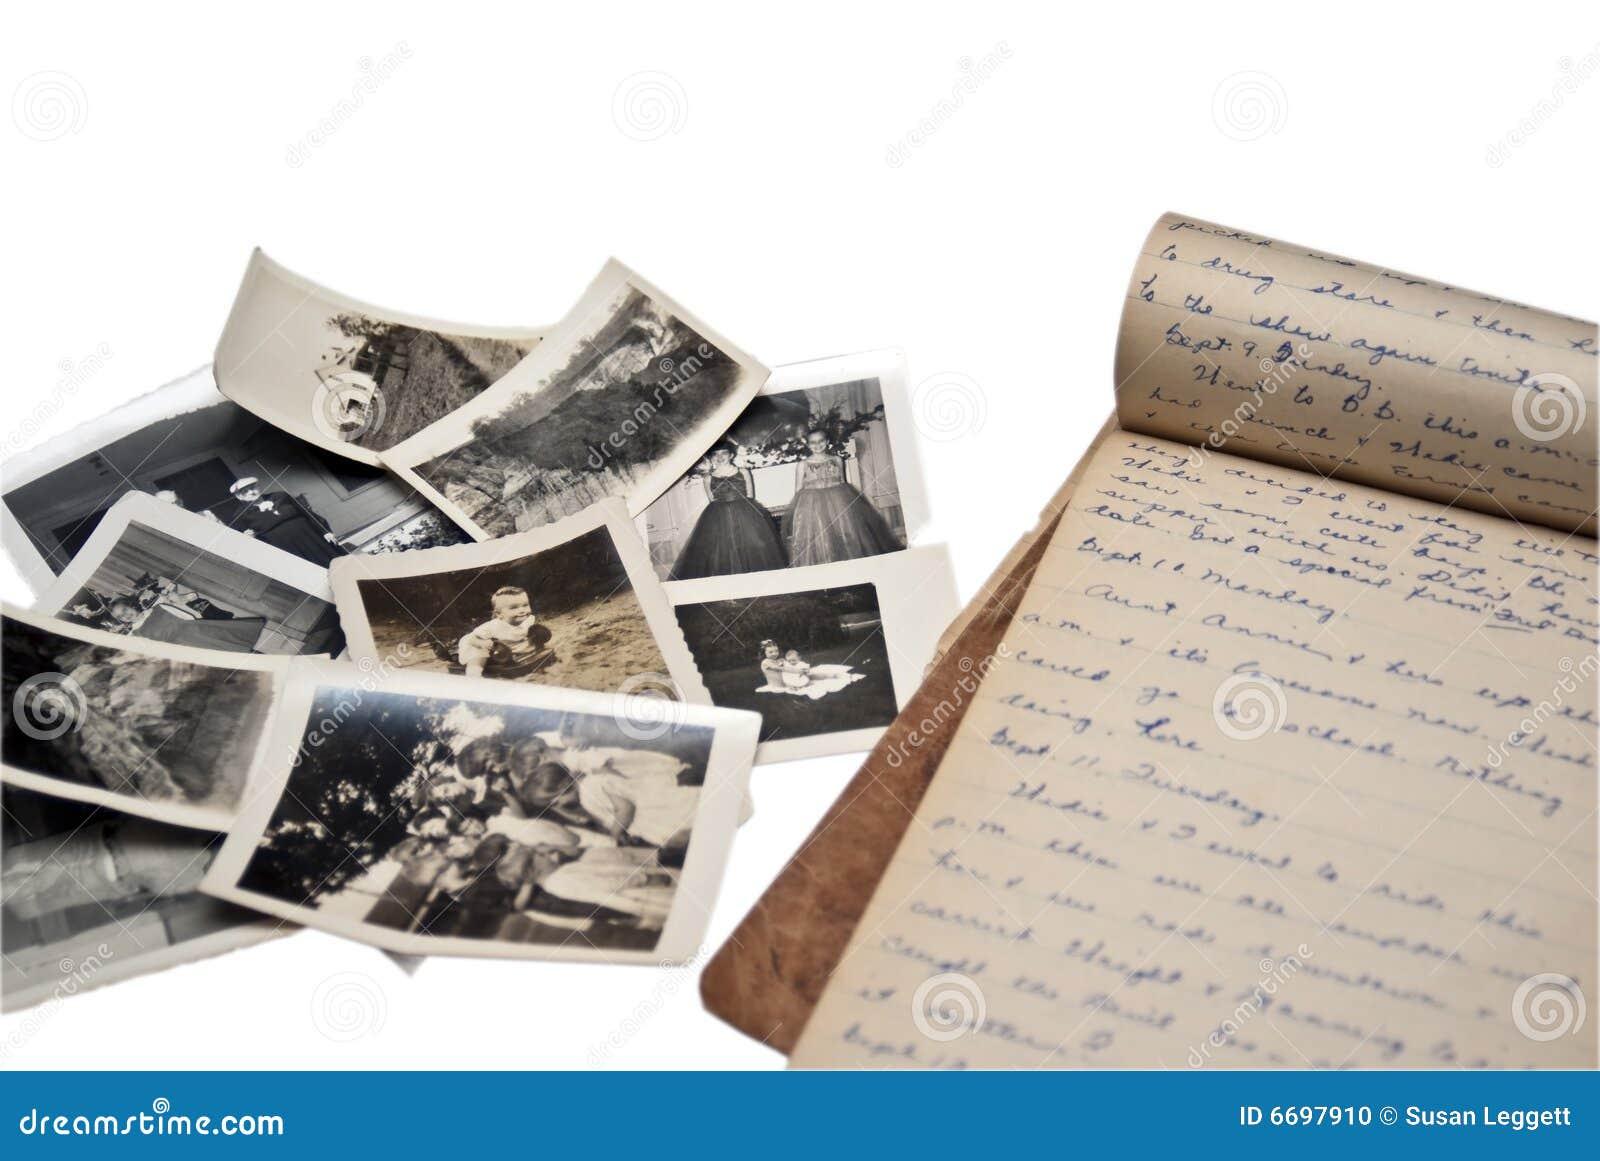 Diario y fotos viejos